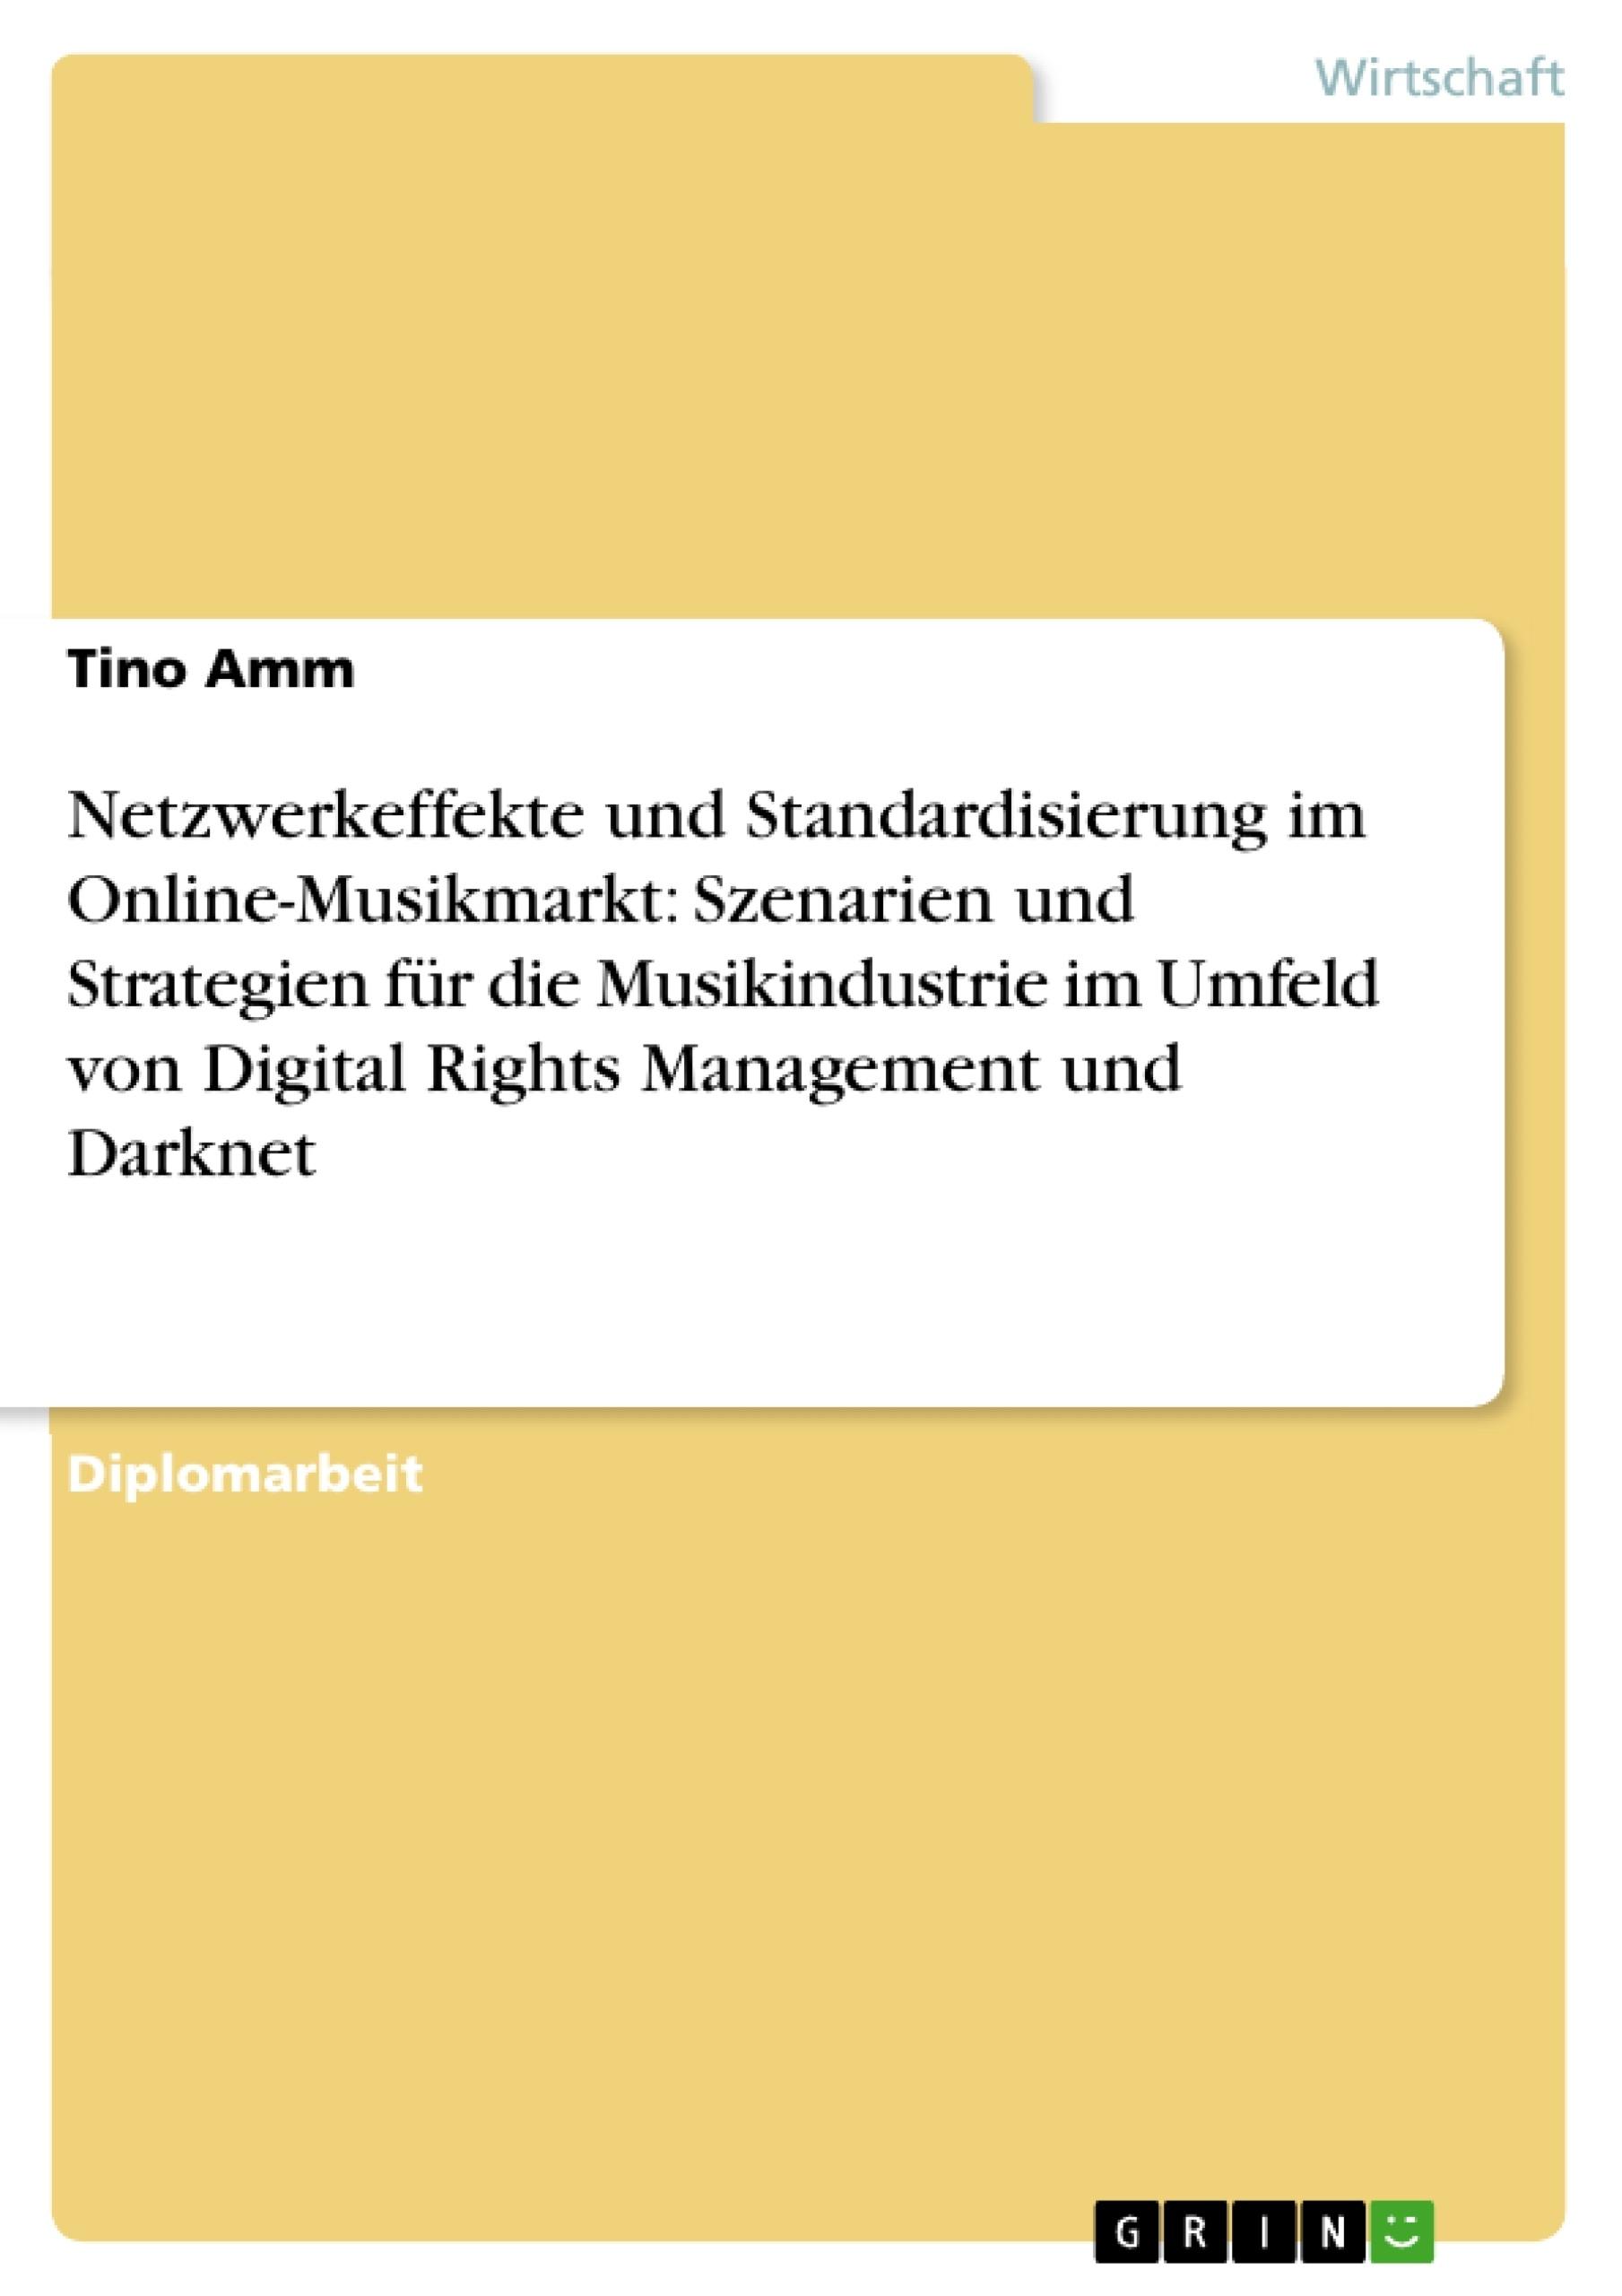 Titel: Netzwerkeffekte und Standardisierung im Online-Musikmarkt: Szenarien und Strategien für die Musikindustrie im Umfeld von Digital Rights Management und Darknet